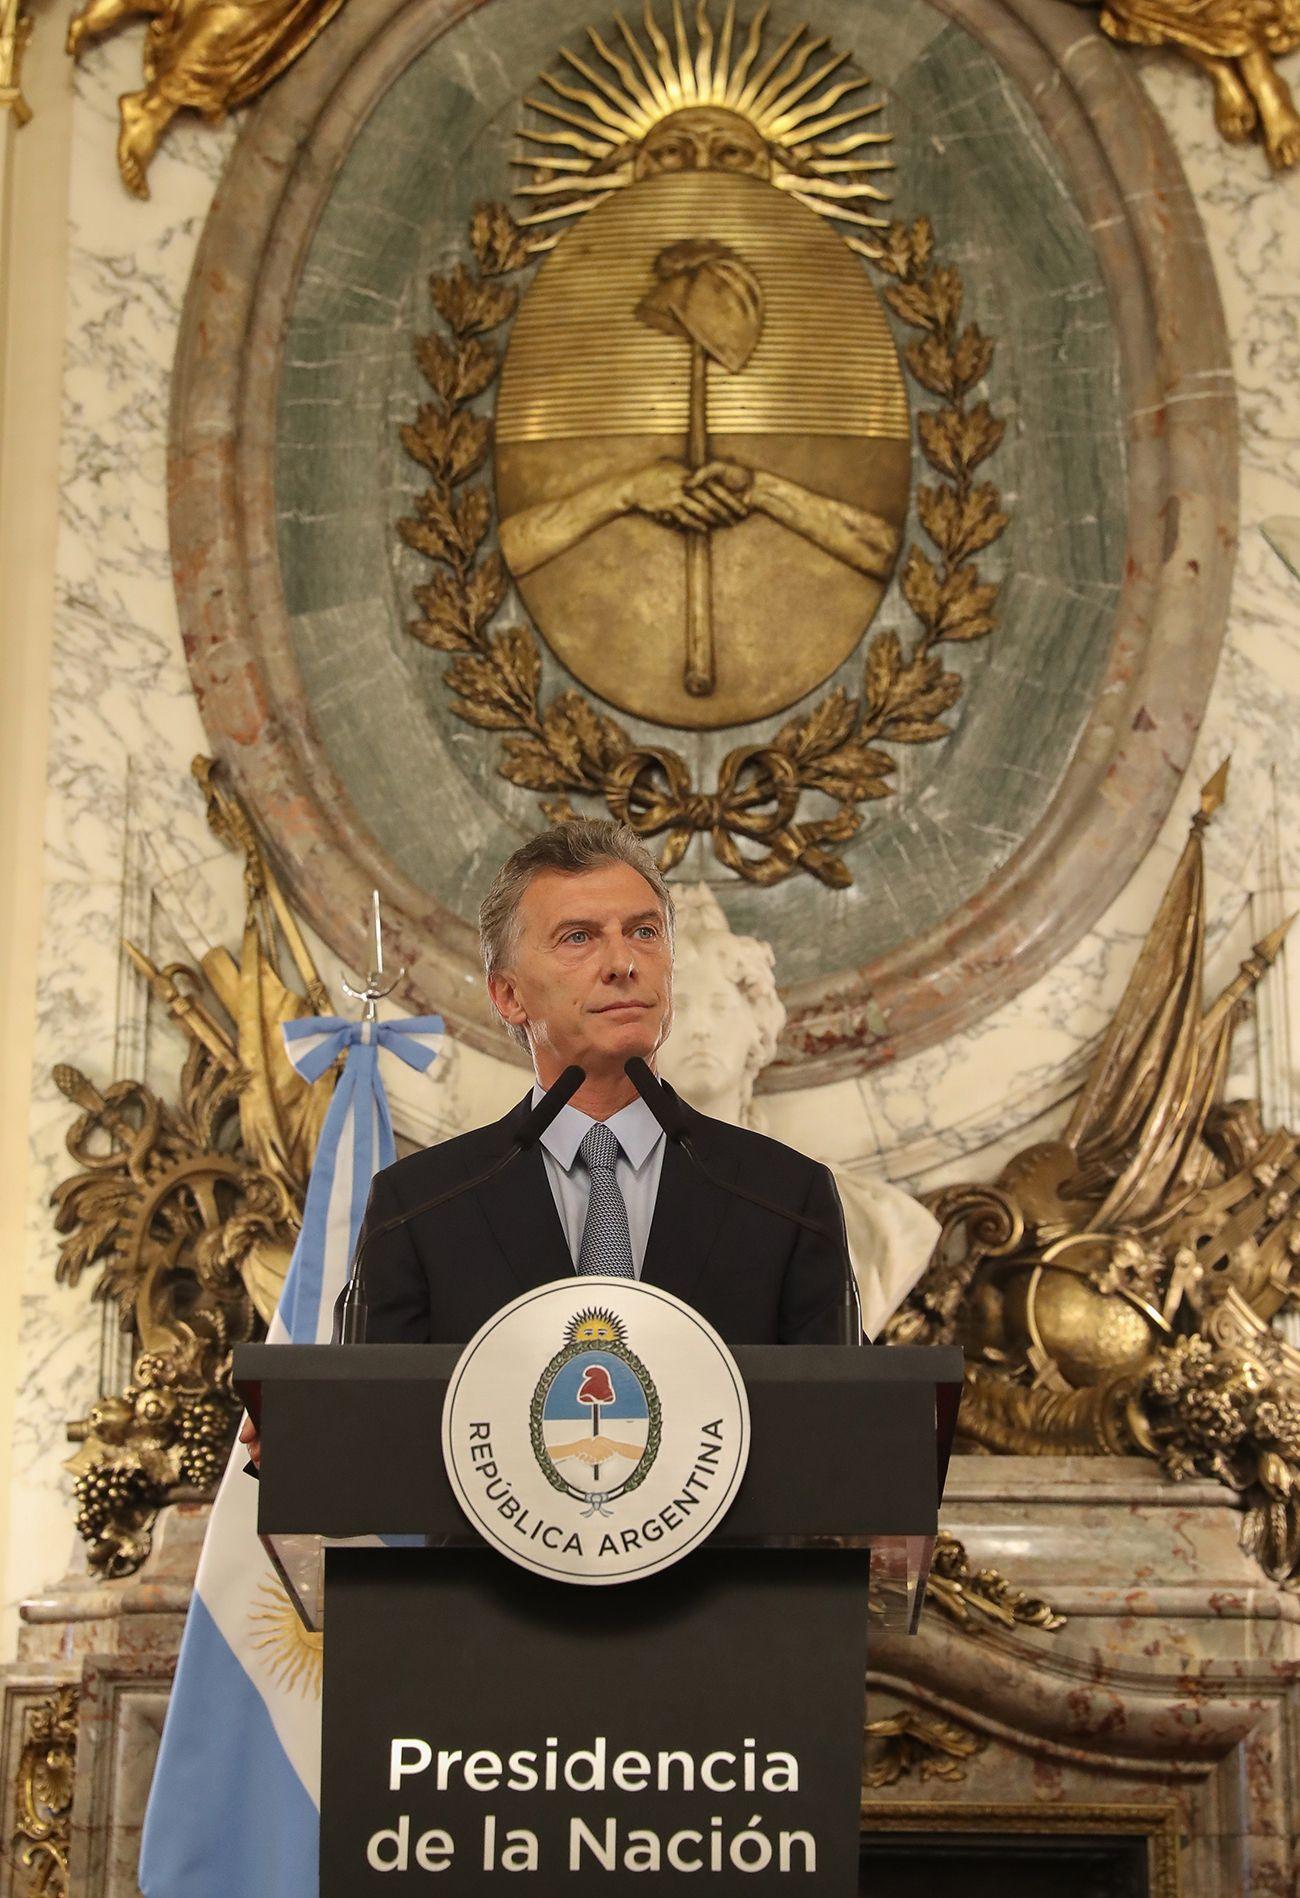 El decreto de Macri que ya genera polémica: viola la presunción de inocencia, según los expertos